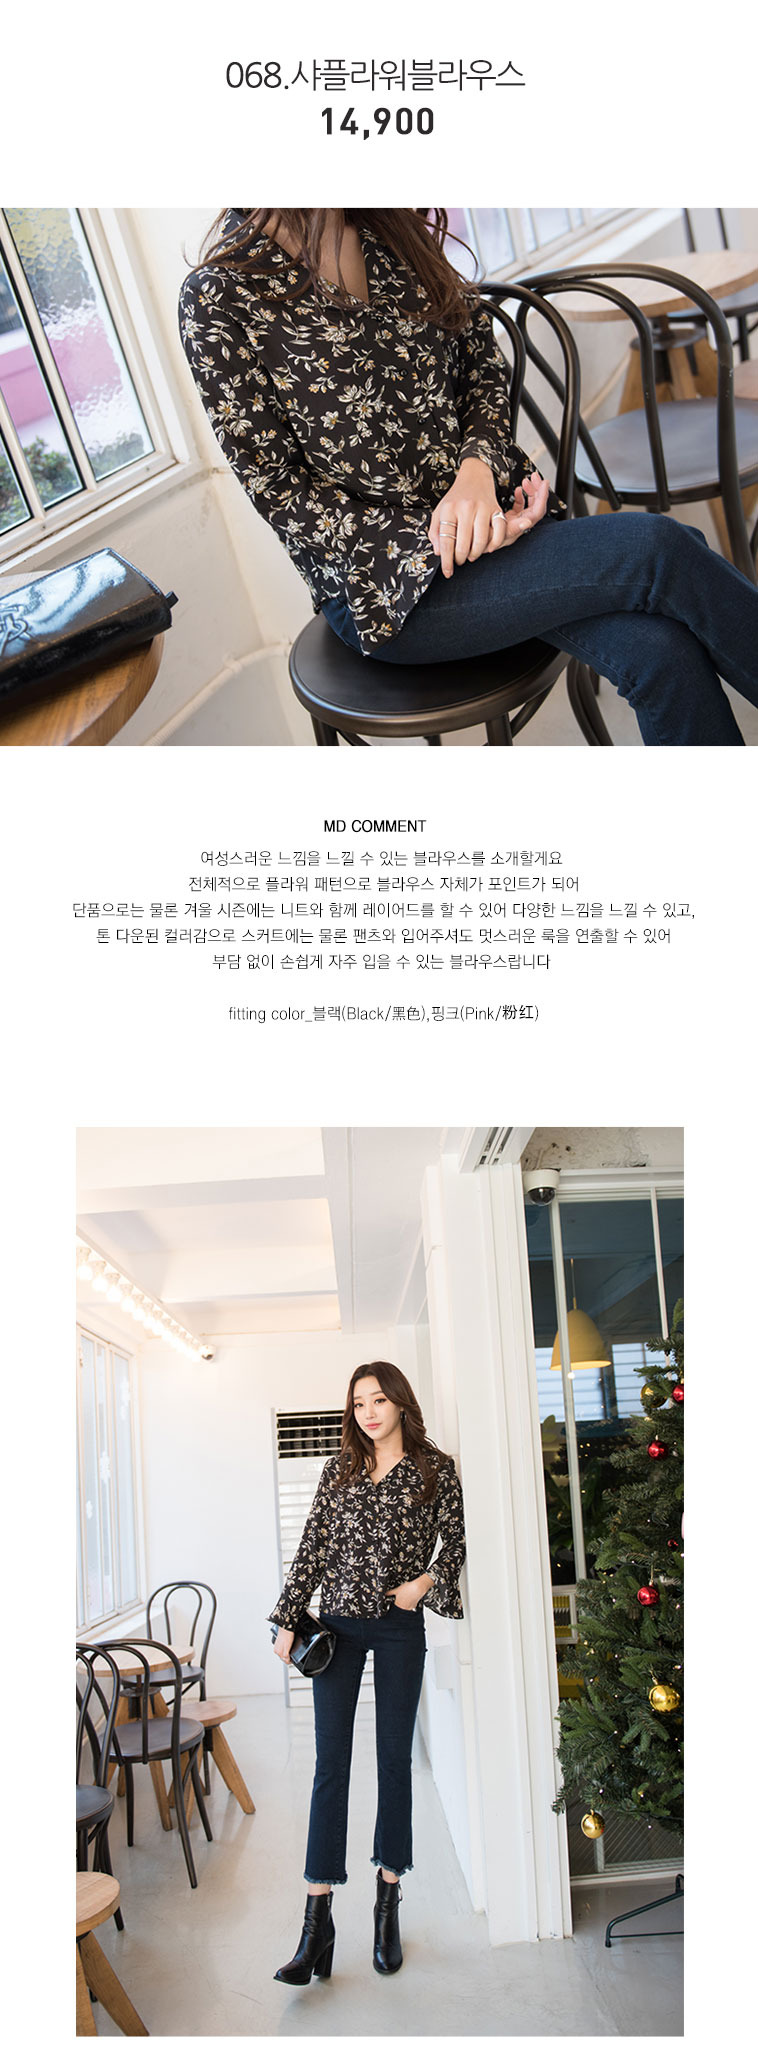 [무료배송] 라라엘 봄신상 원피스 - 상세정보